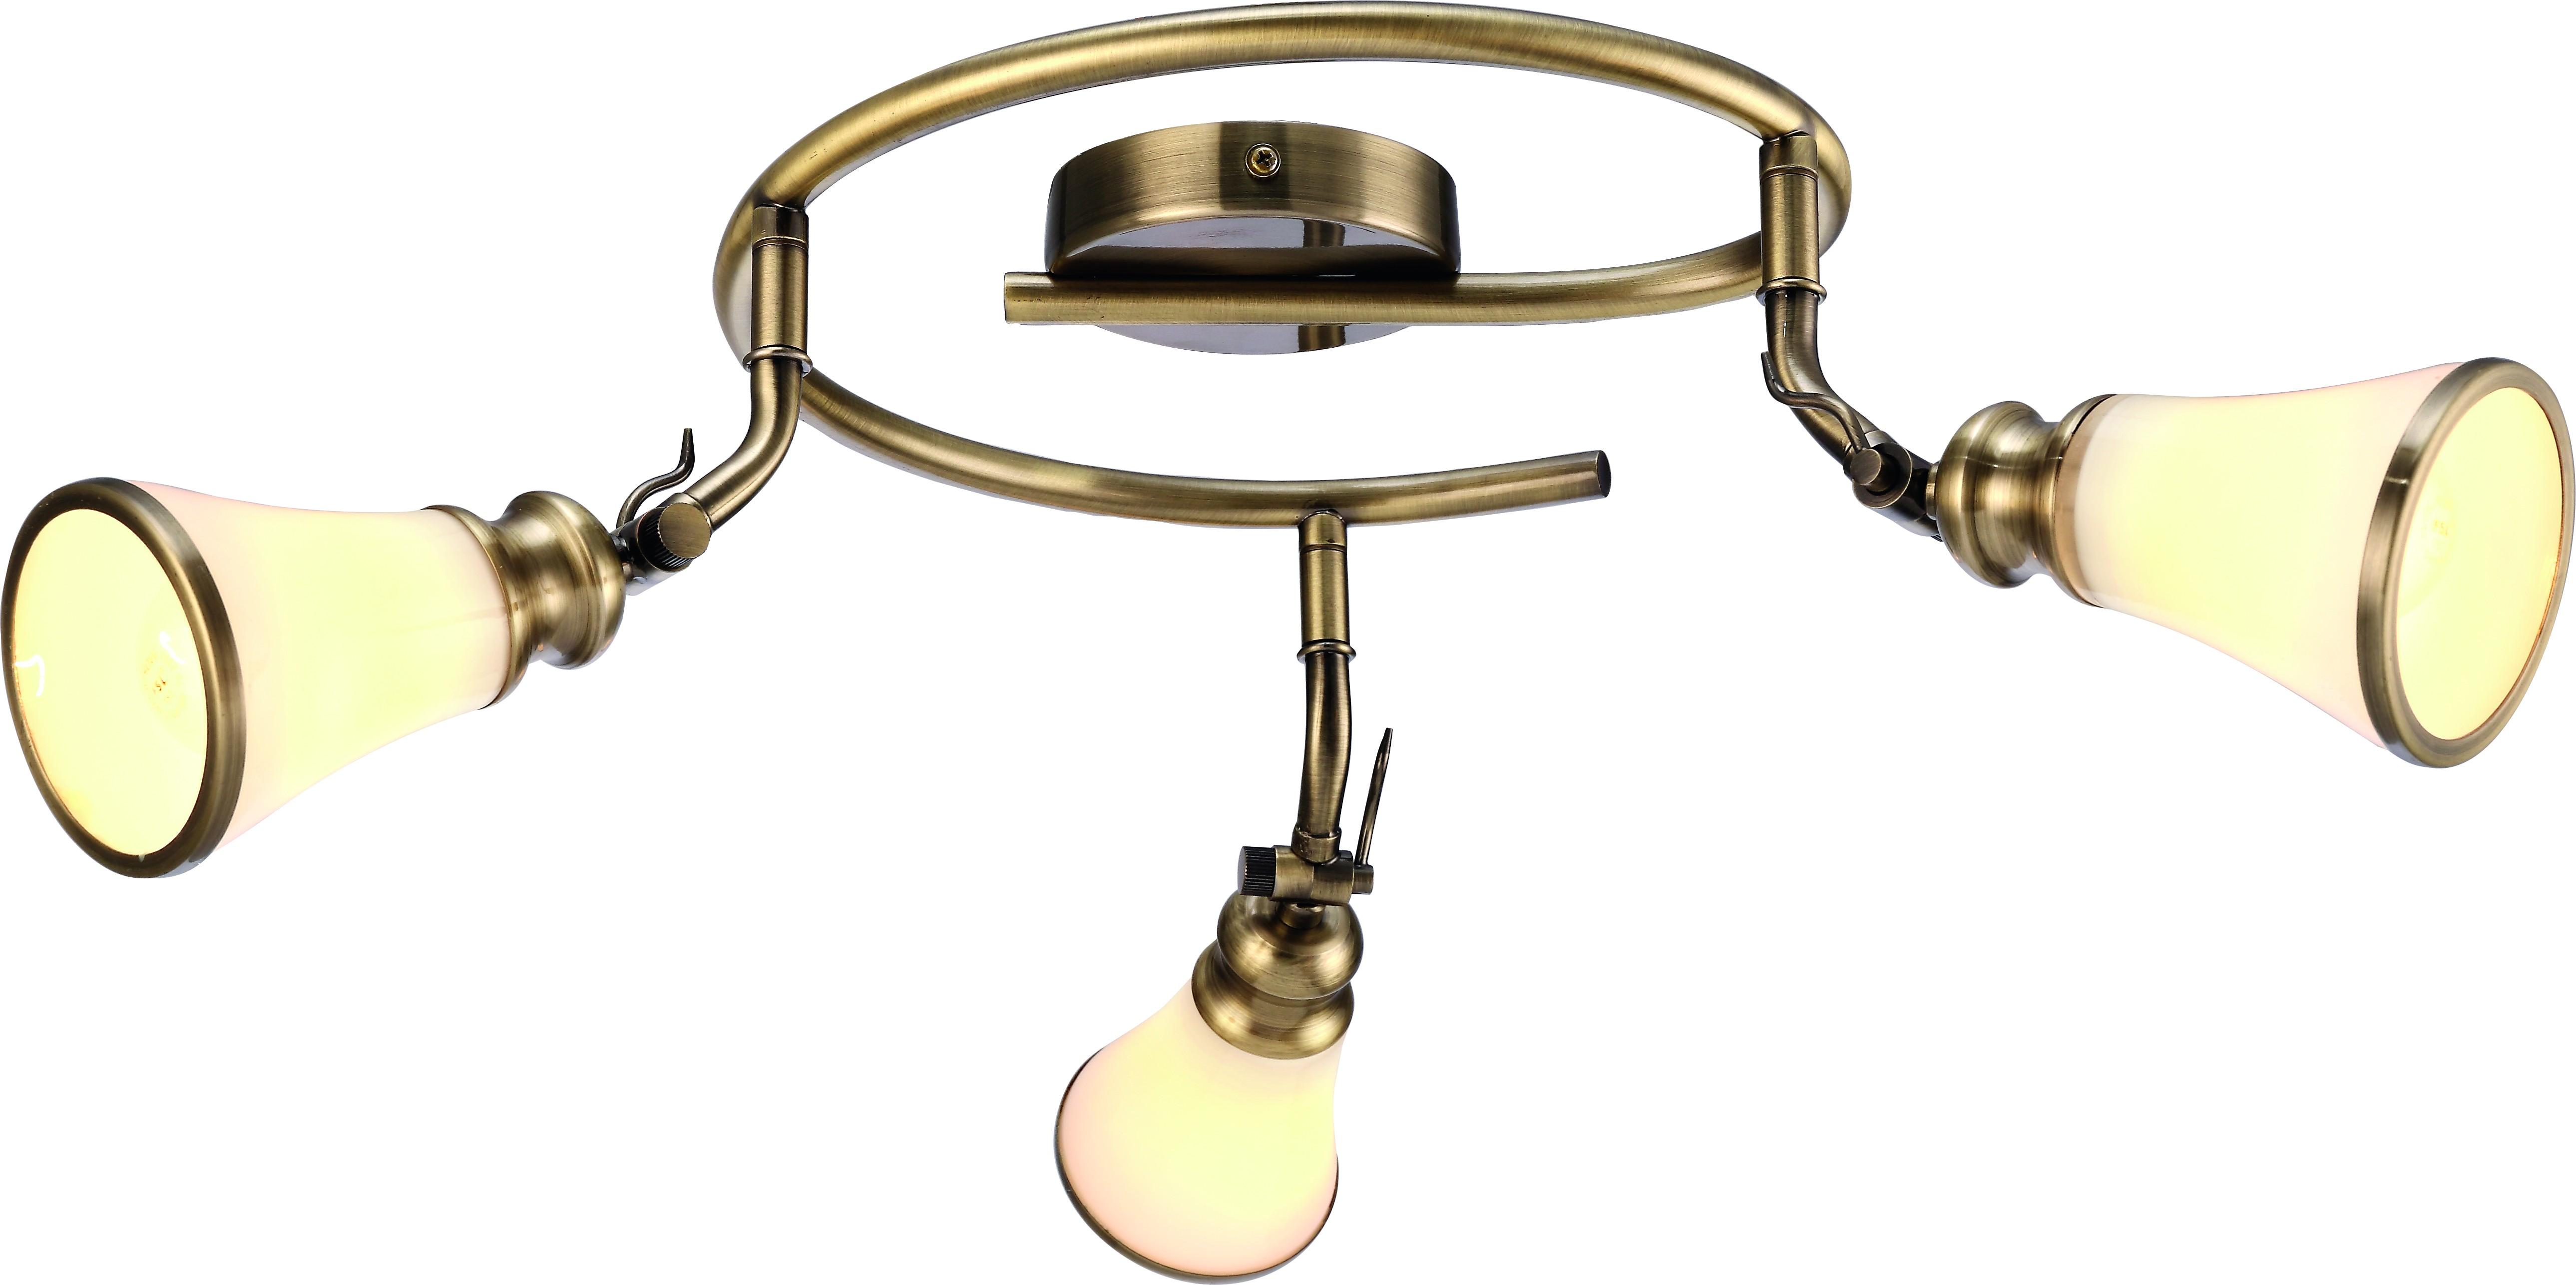 Купить Спот Arte lamp A9231pl-3ab